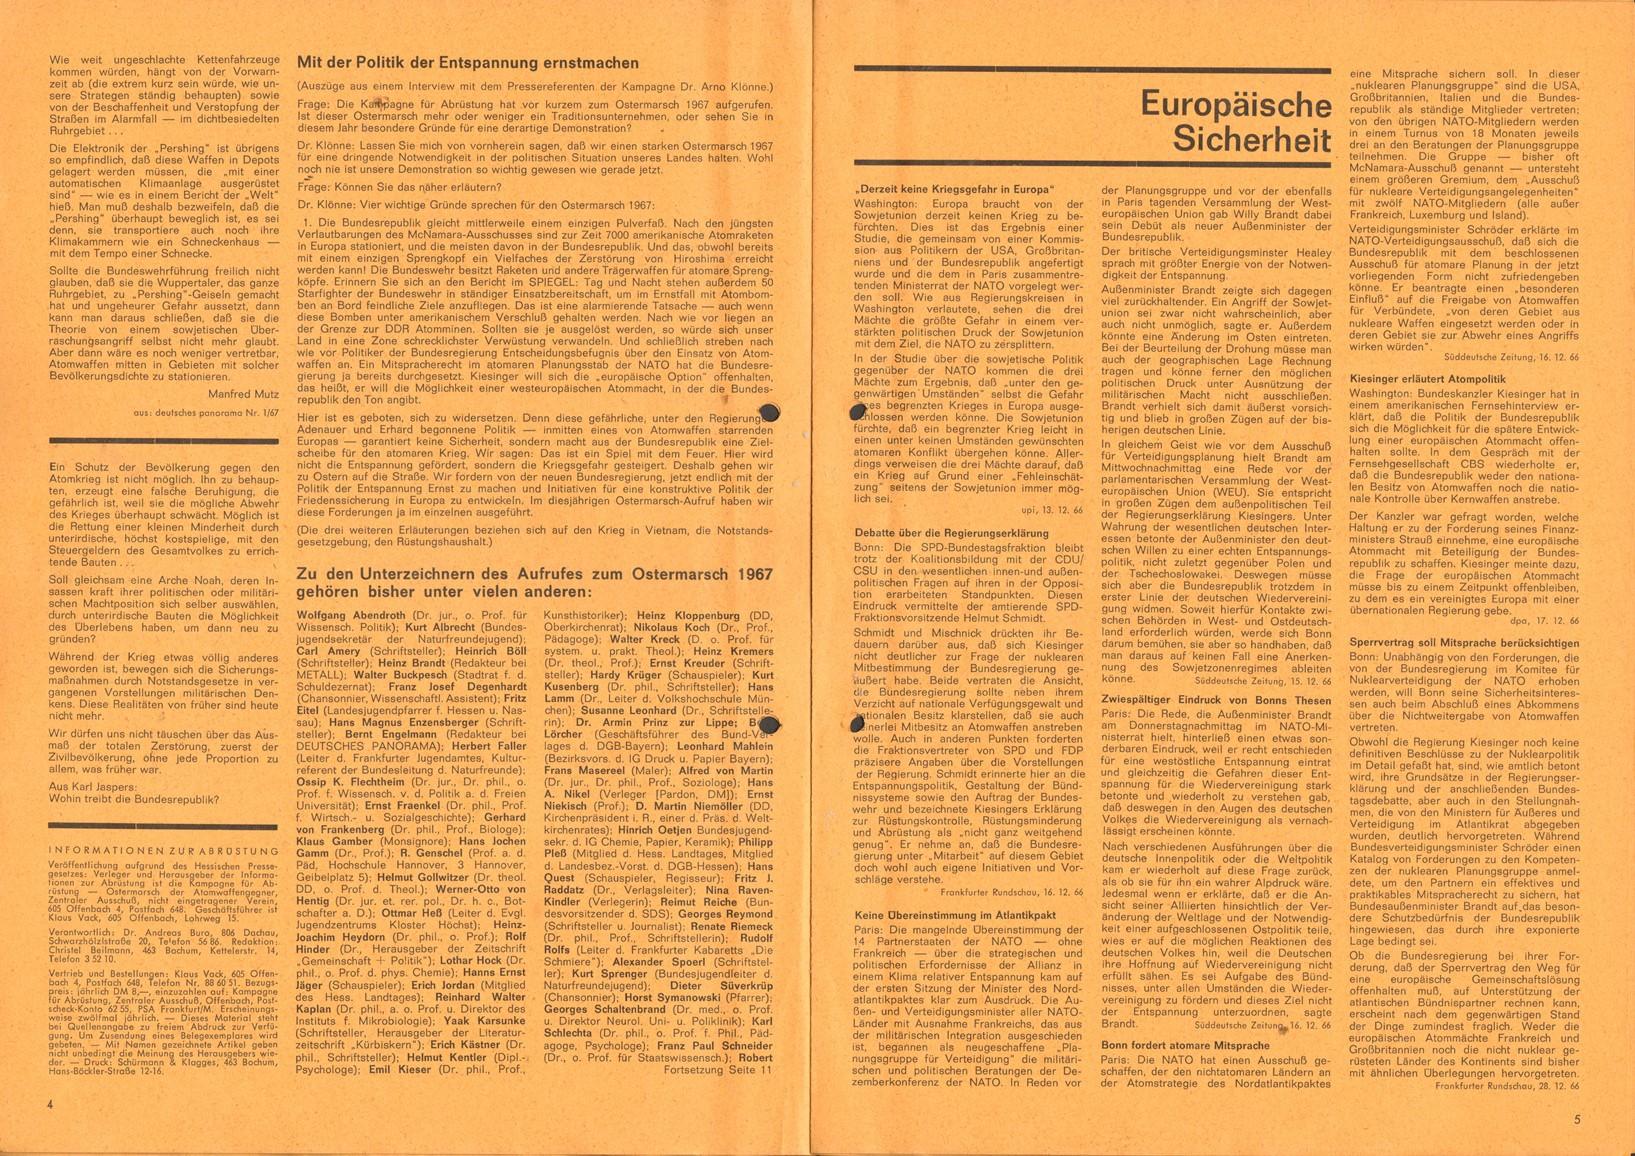 Informationen_zur_Abruestung_1967_042_003